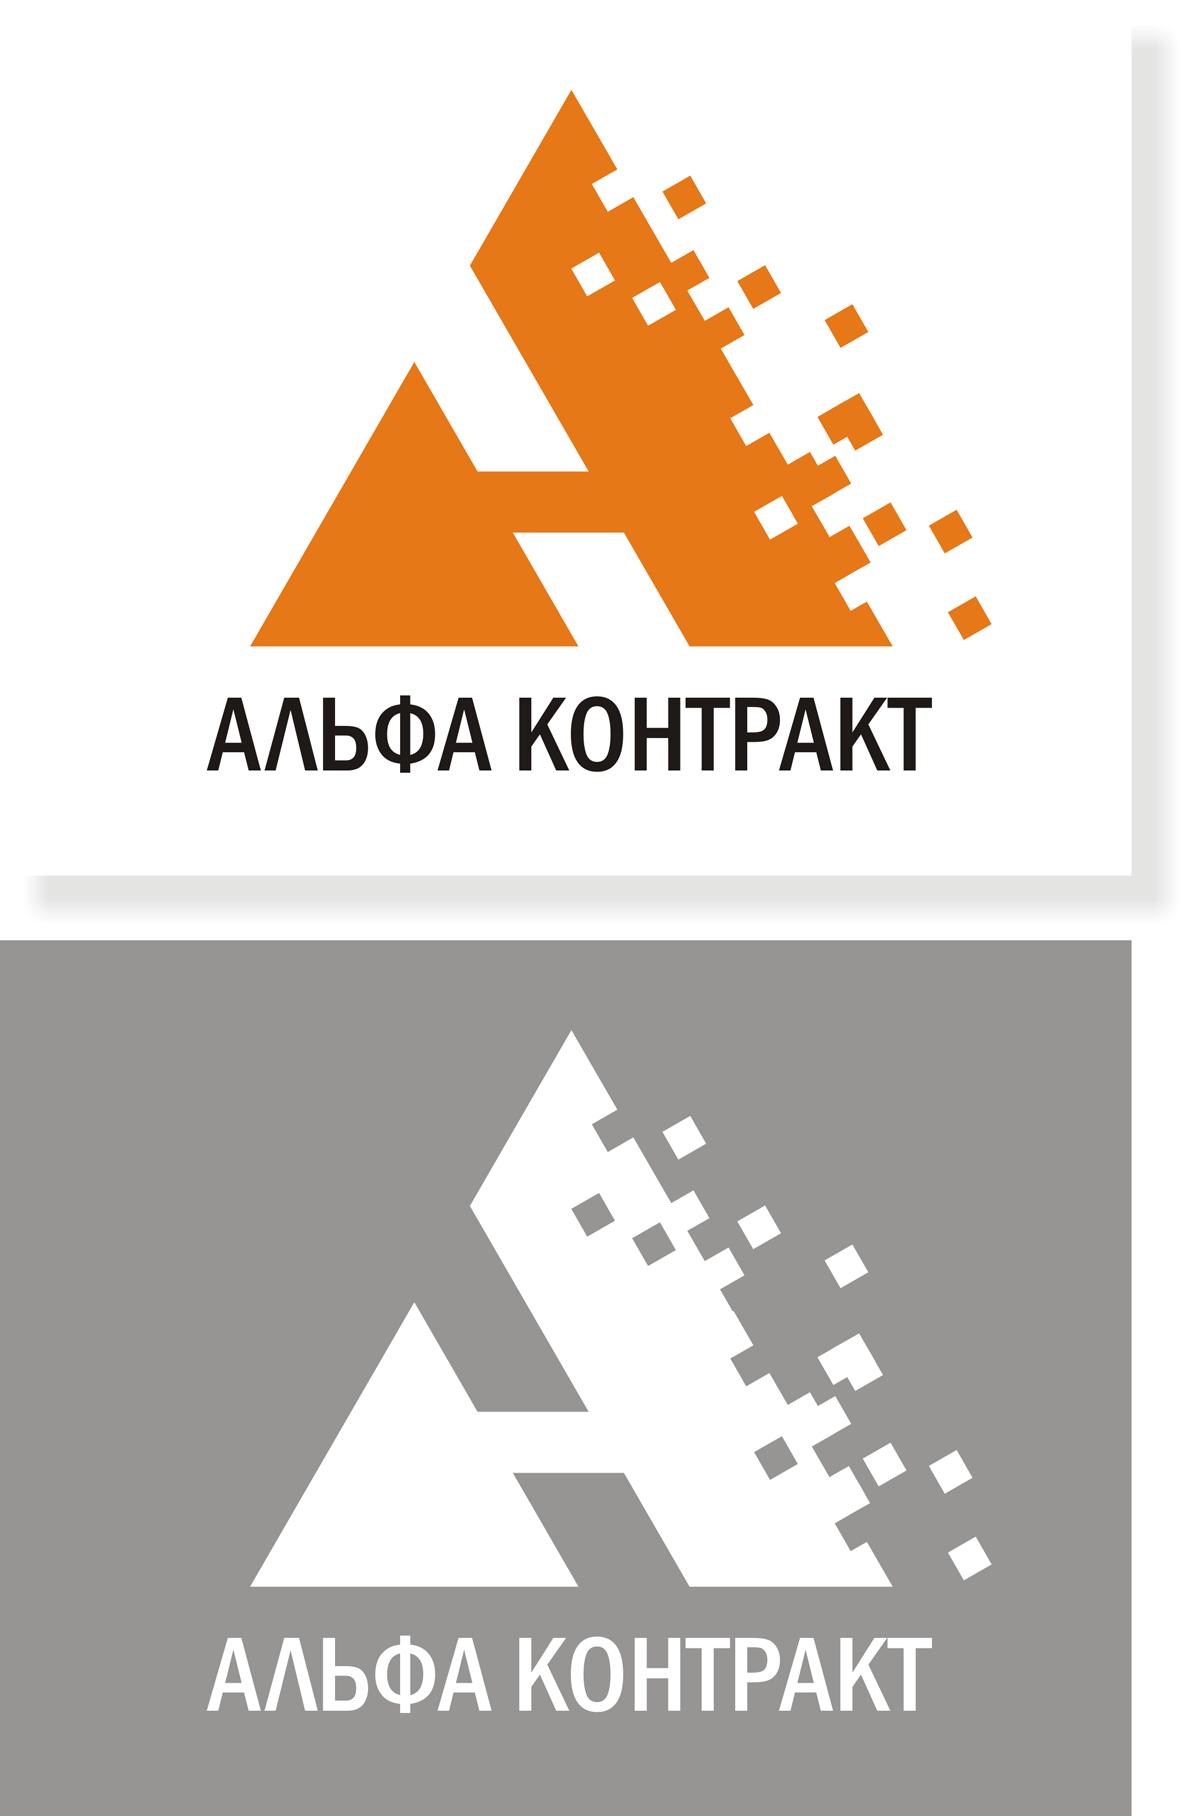 Дизайнер для разработки логотипа компании фото f_8715bfa15adec944.png